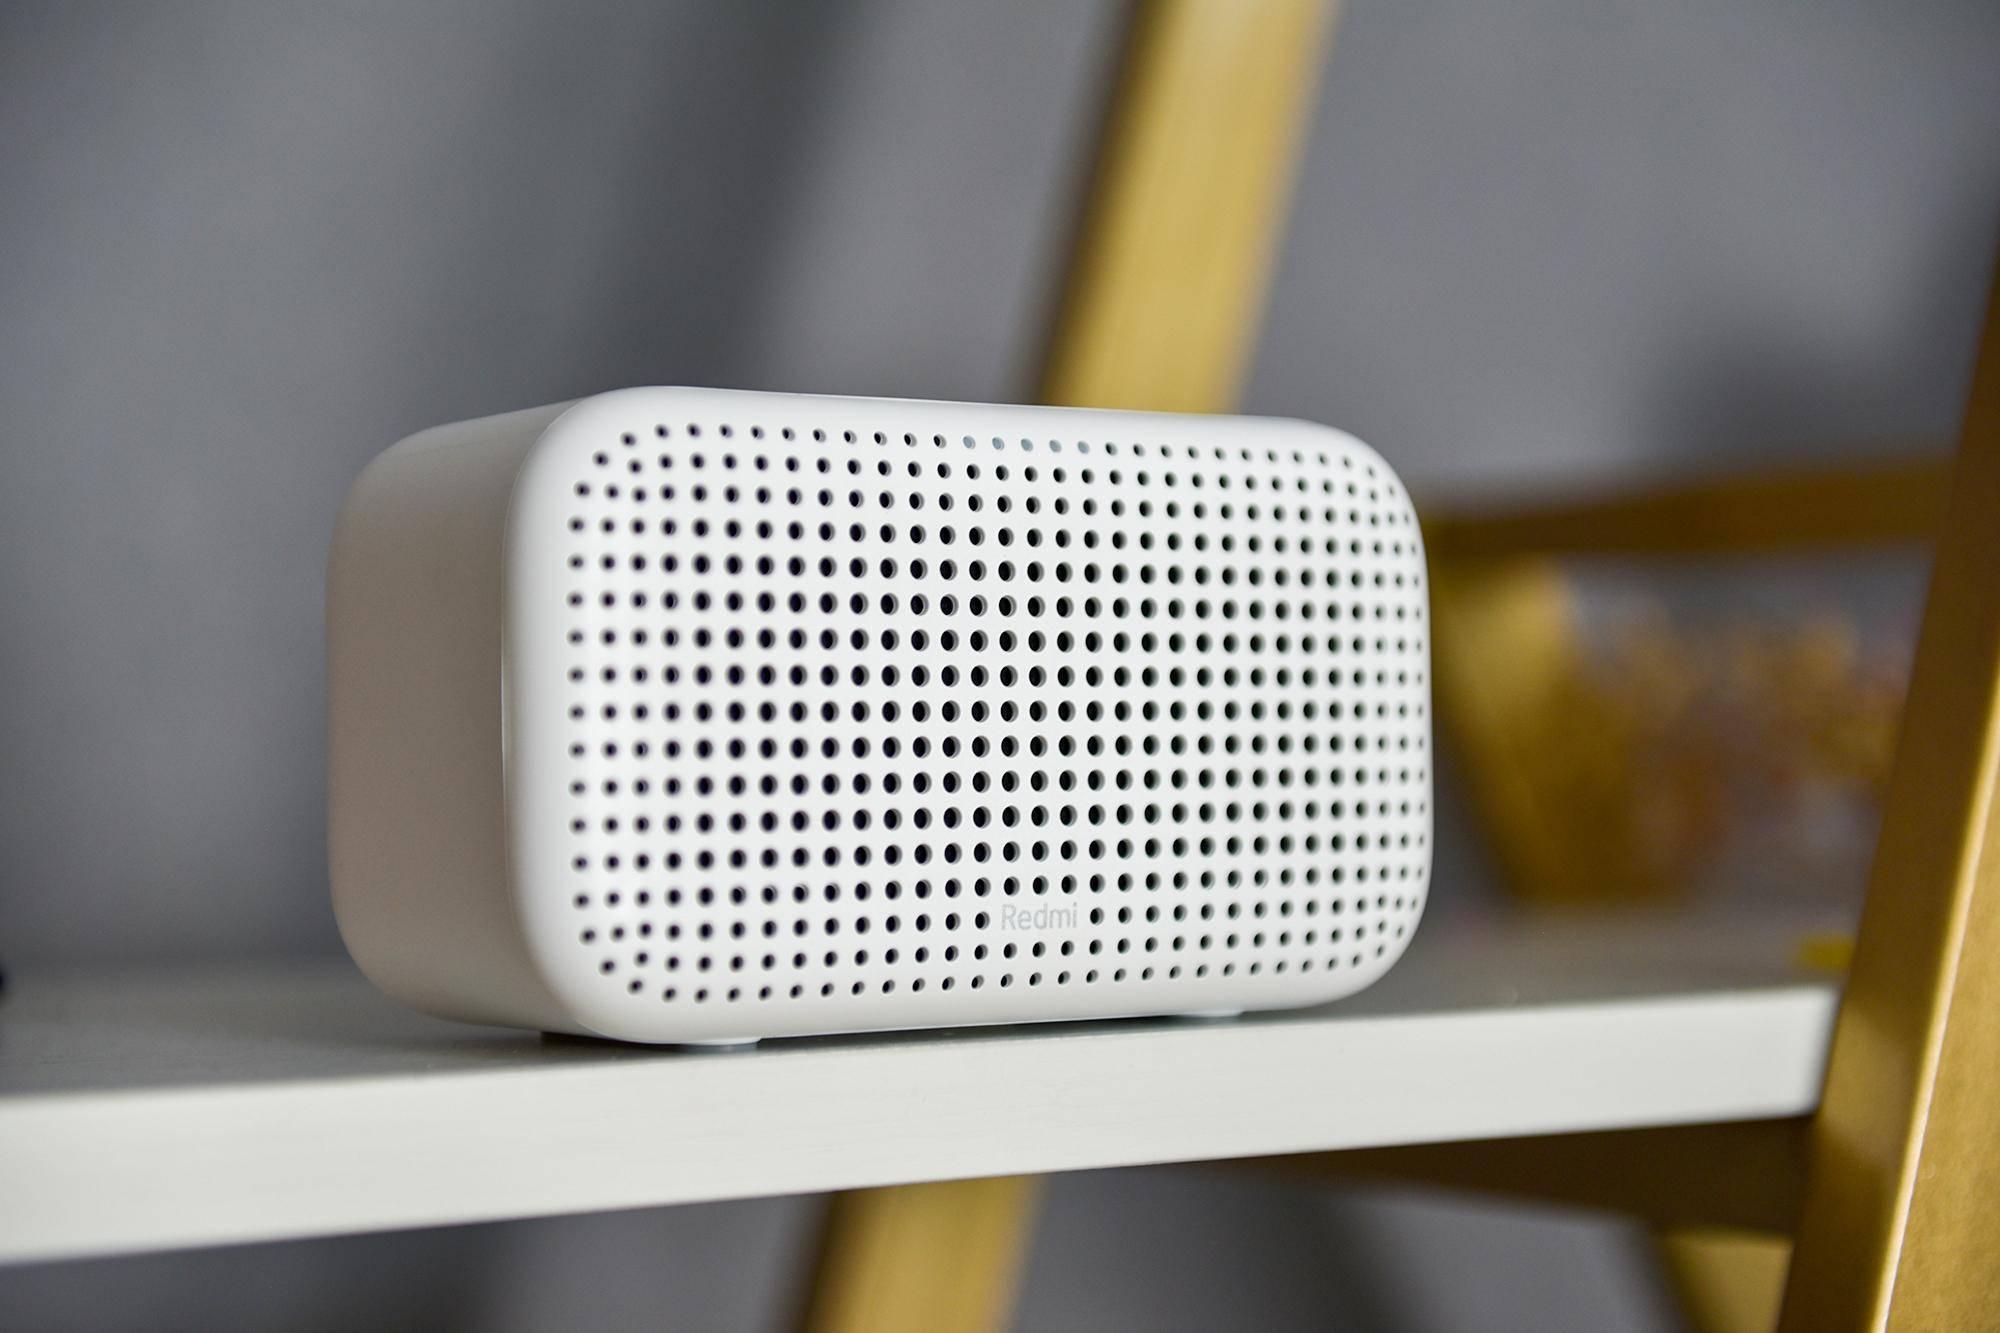 2020年度丨不可或缺的智能音箱,哪十个是年度最佳?